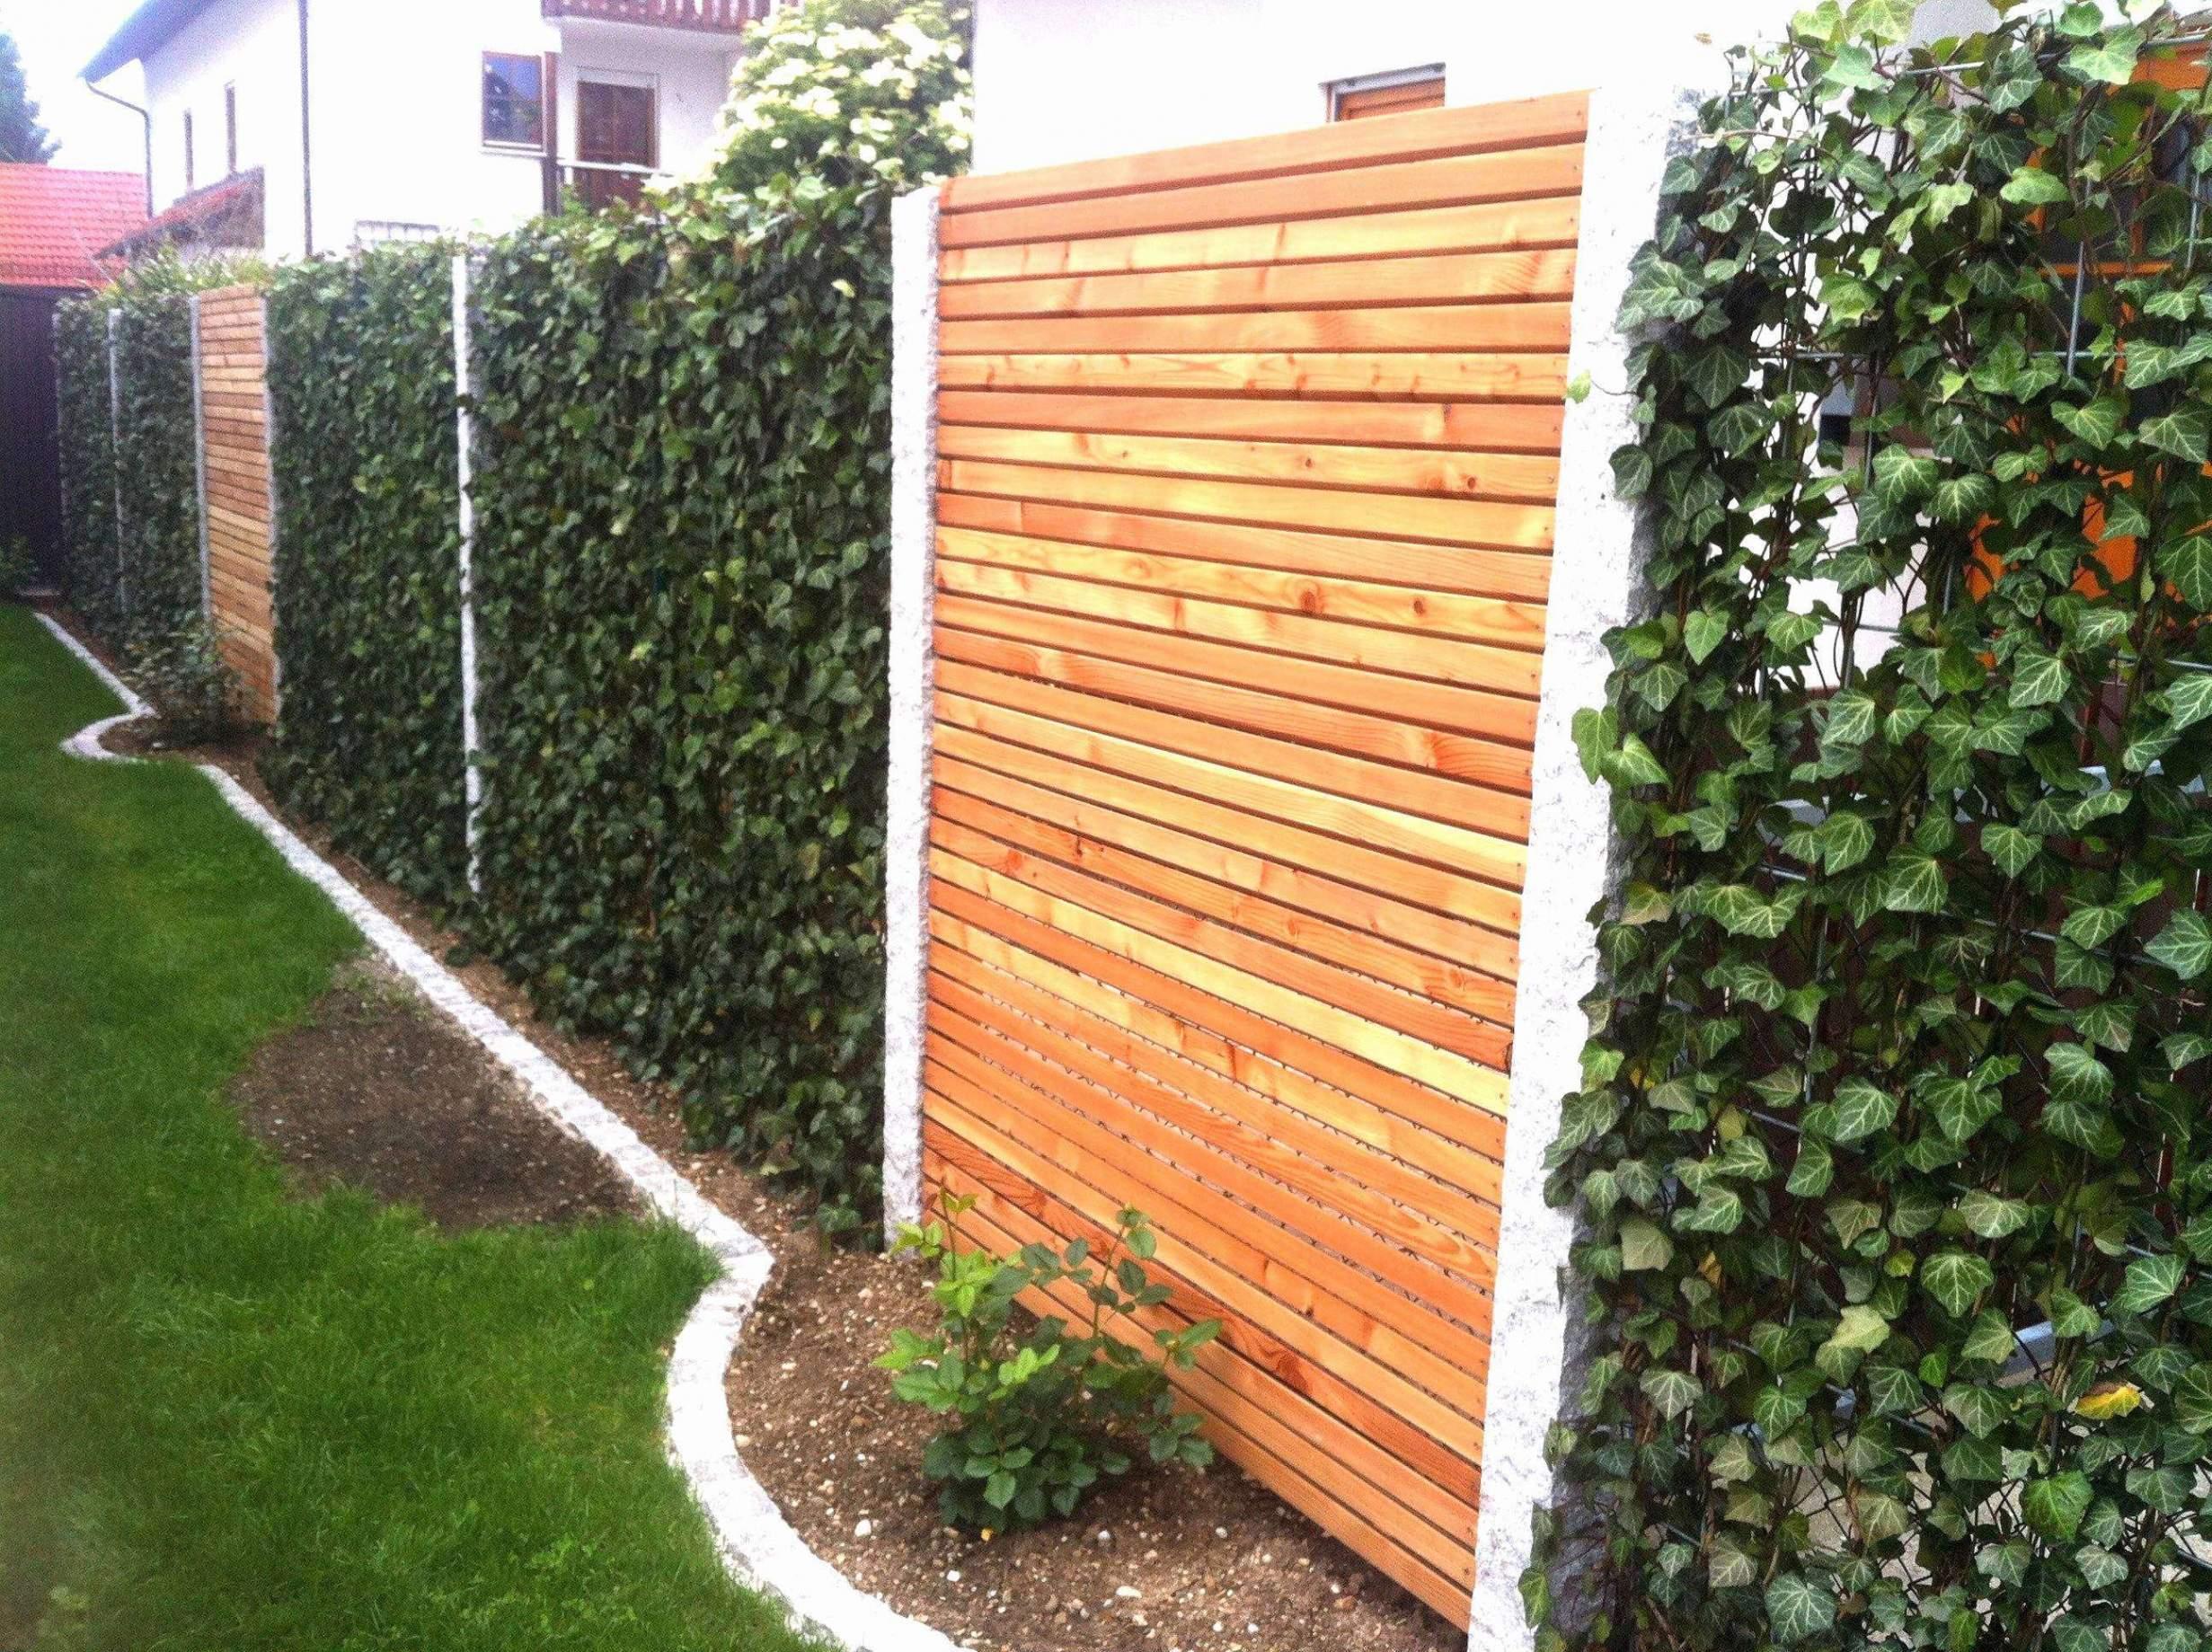 Ideen Für Gartengestaltung Schön 25 Reizend Gartengestaltung Für Kleine Gärten Genial